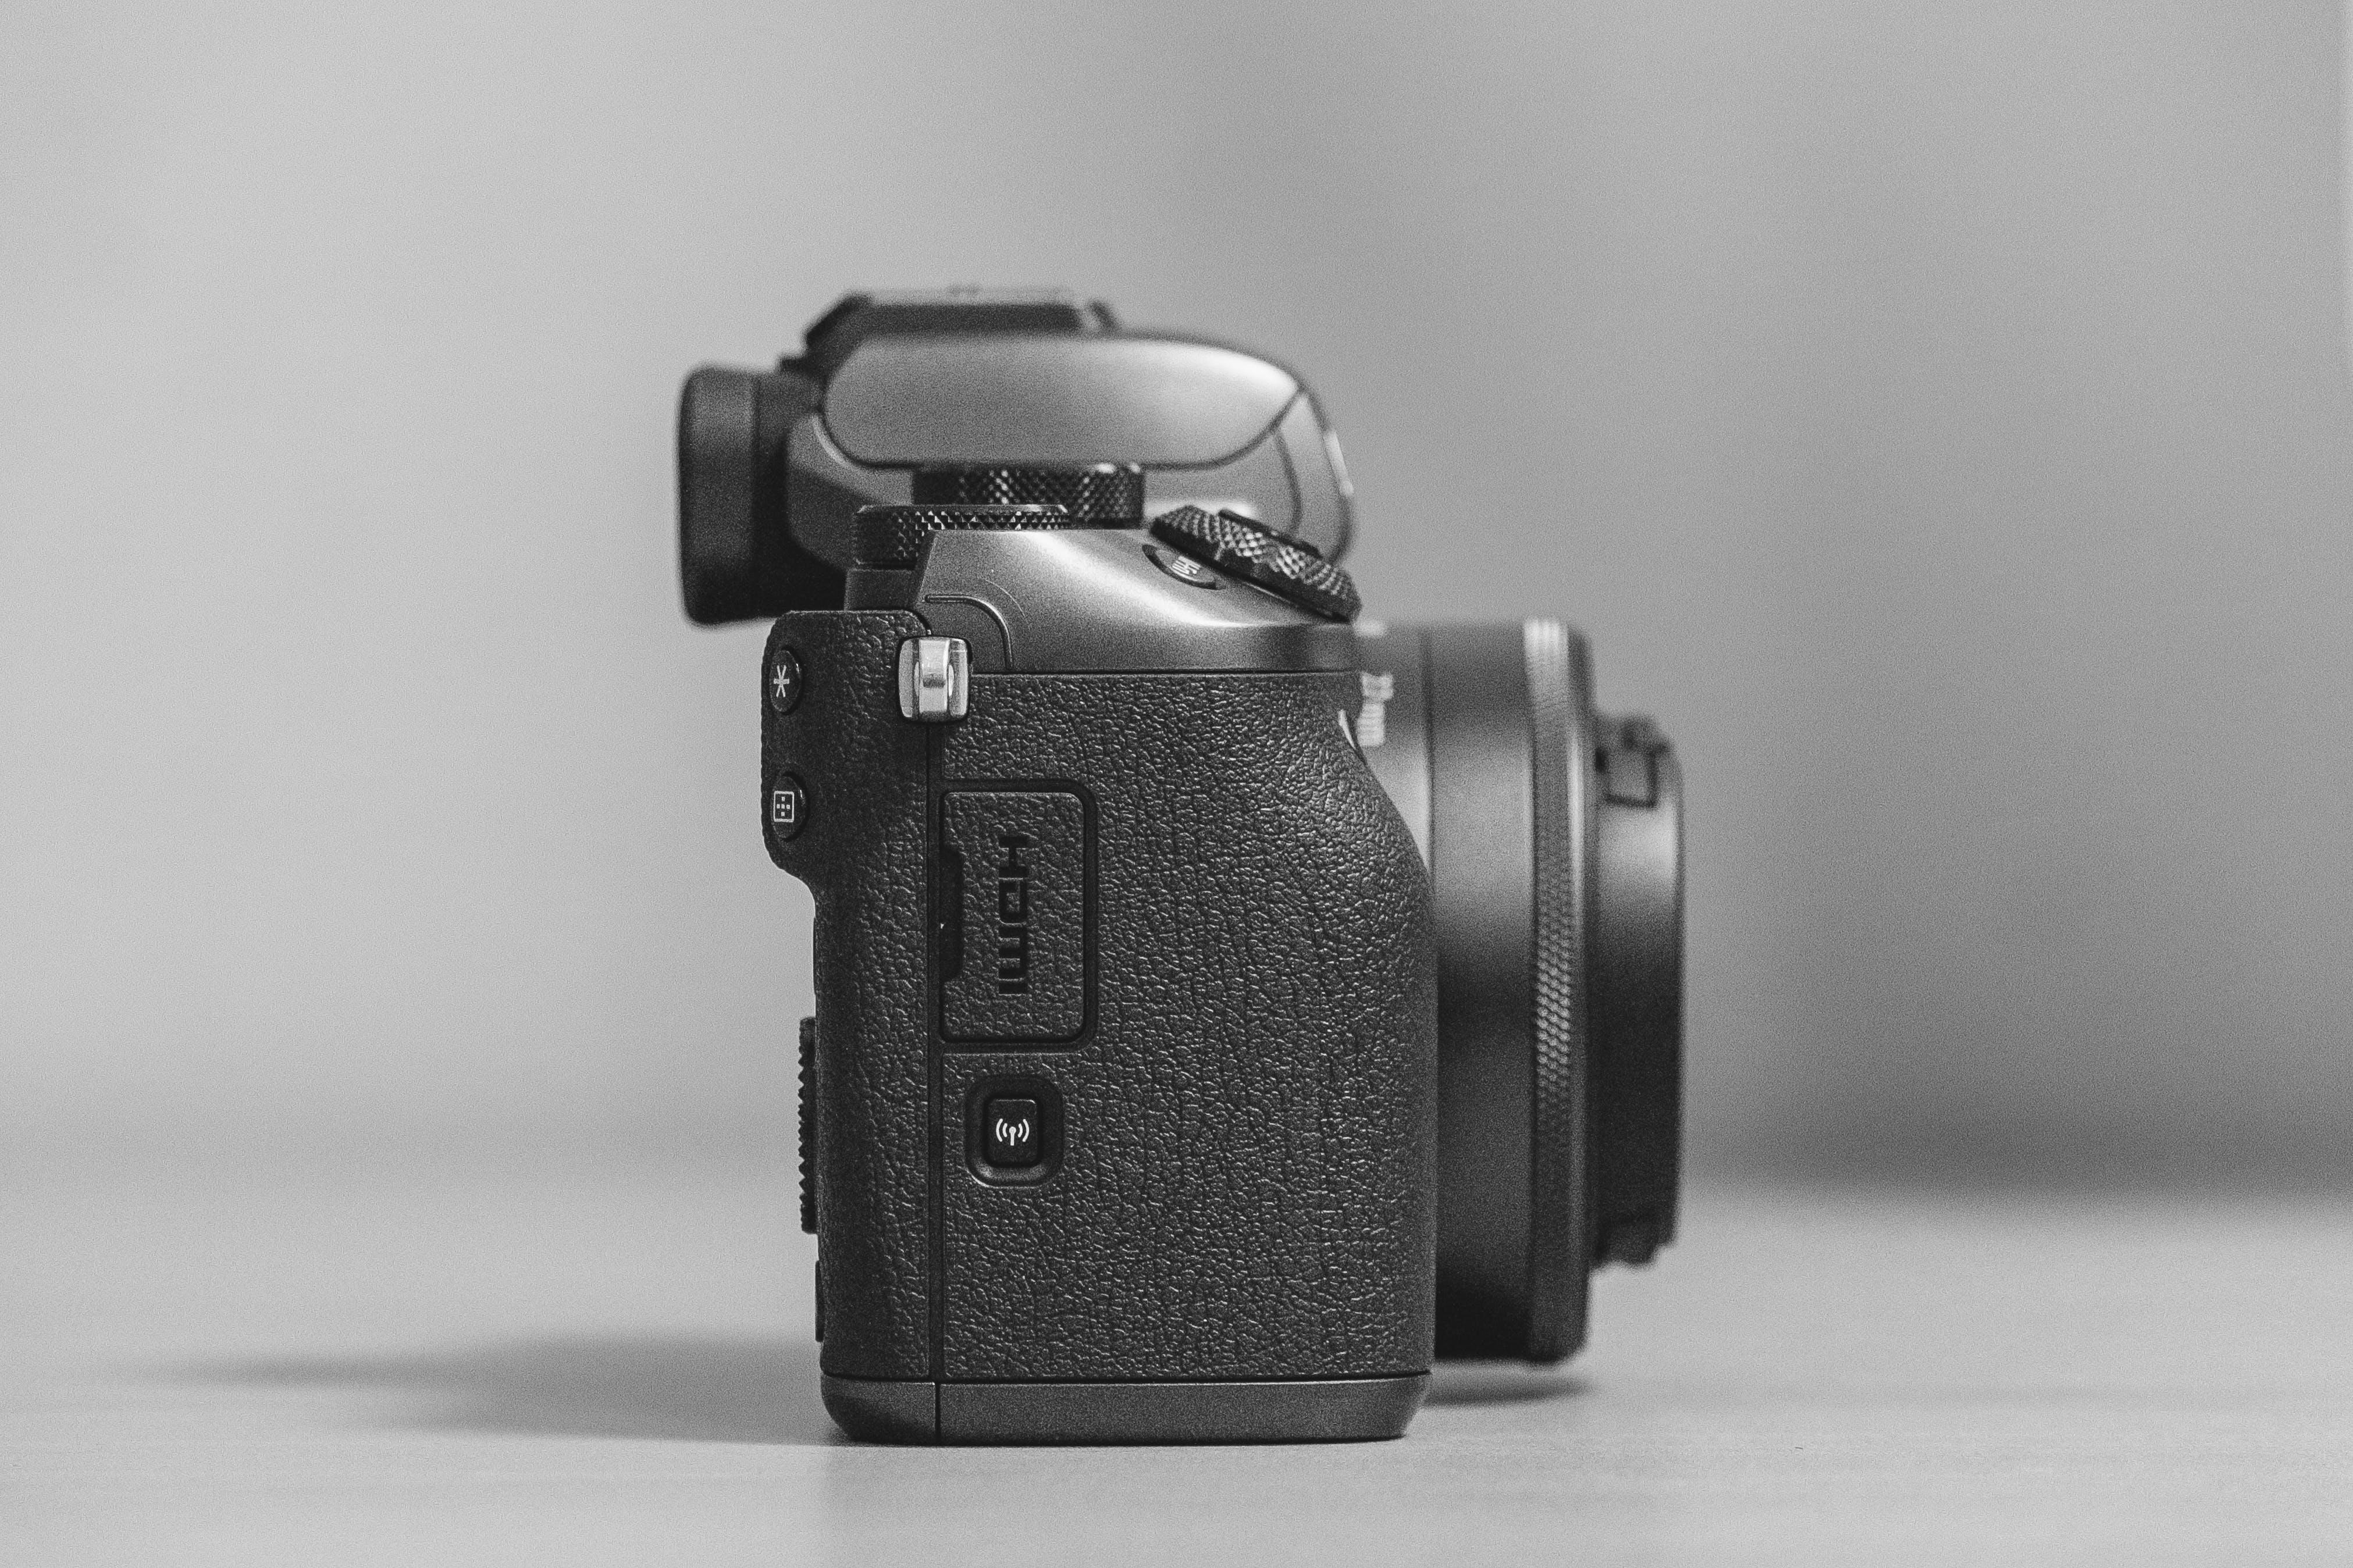 Gratis arkivbilde med digitalt kamera, fotografi, kamera, nærbilde